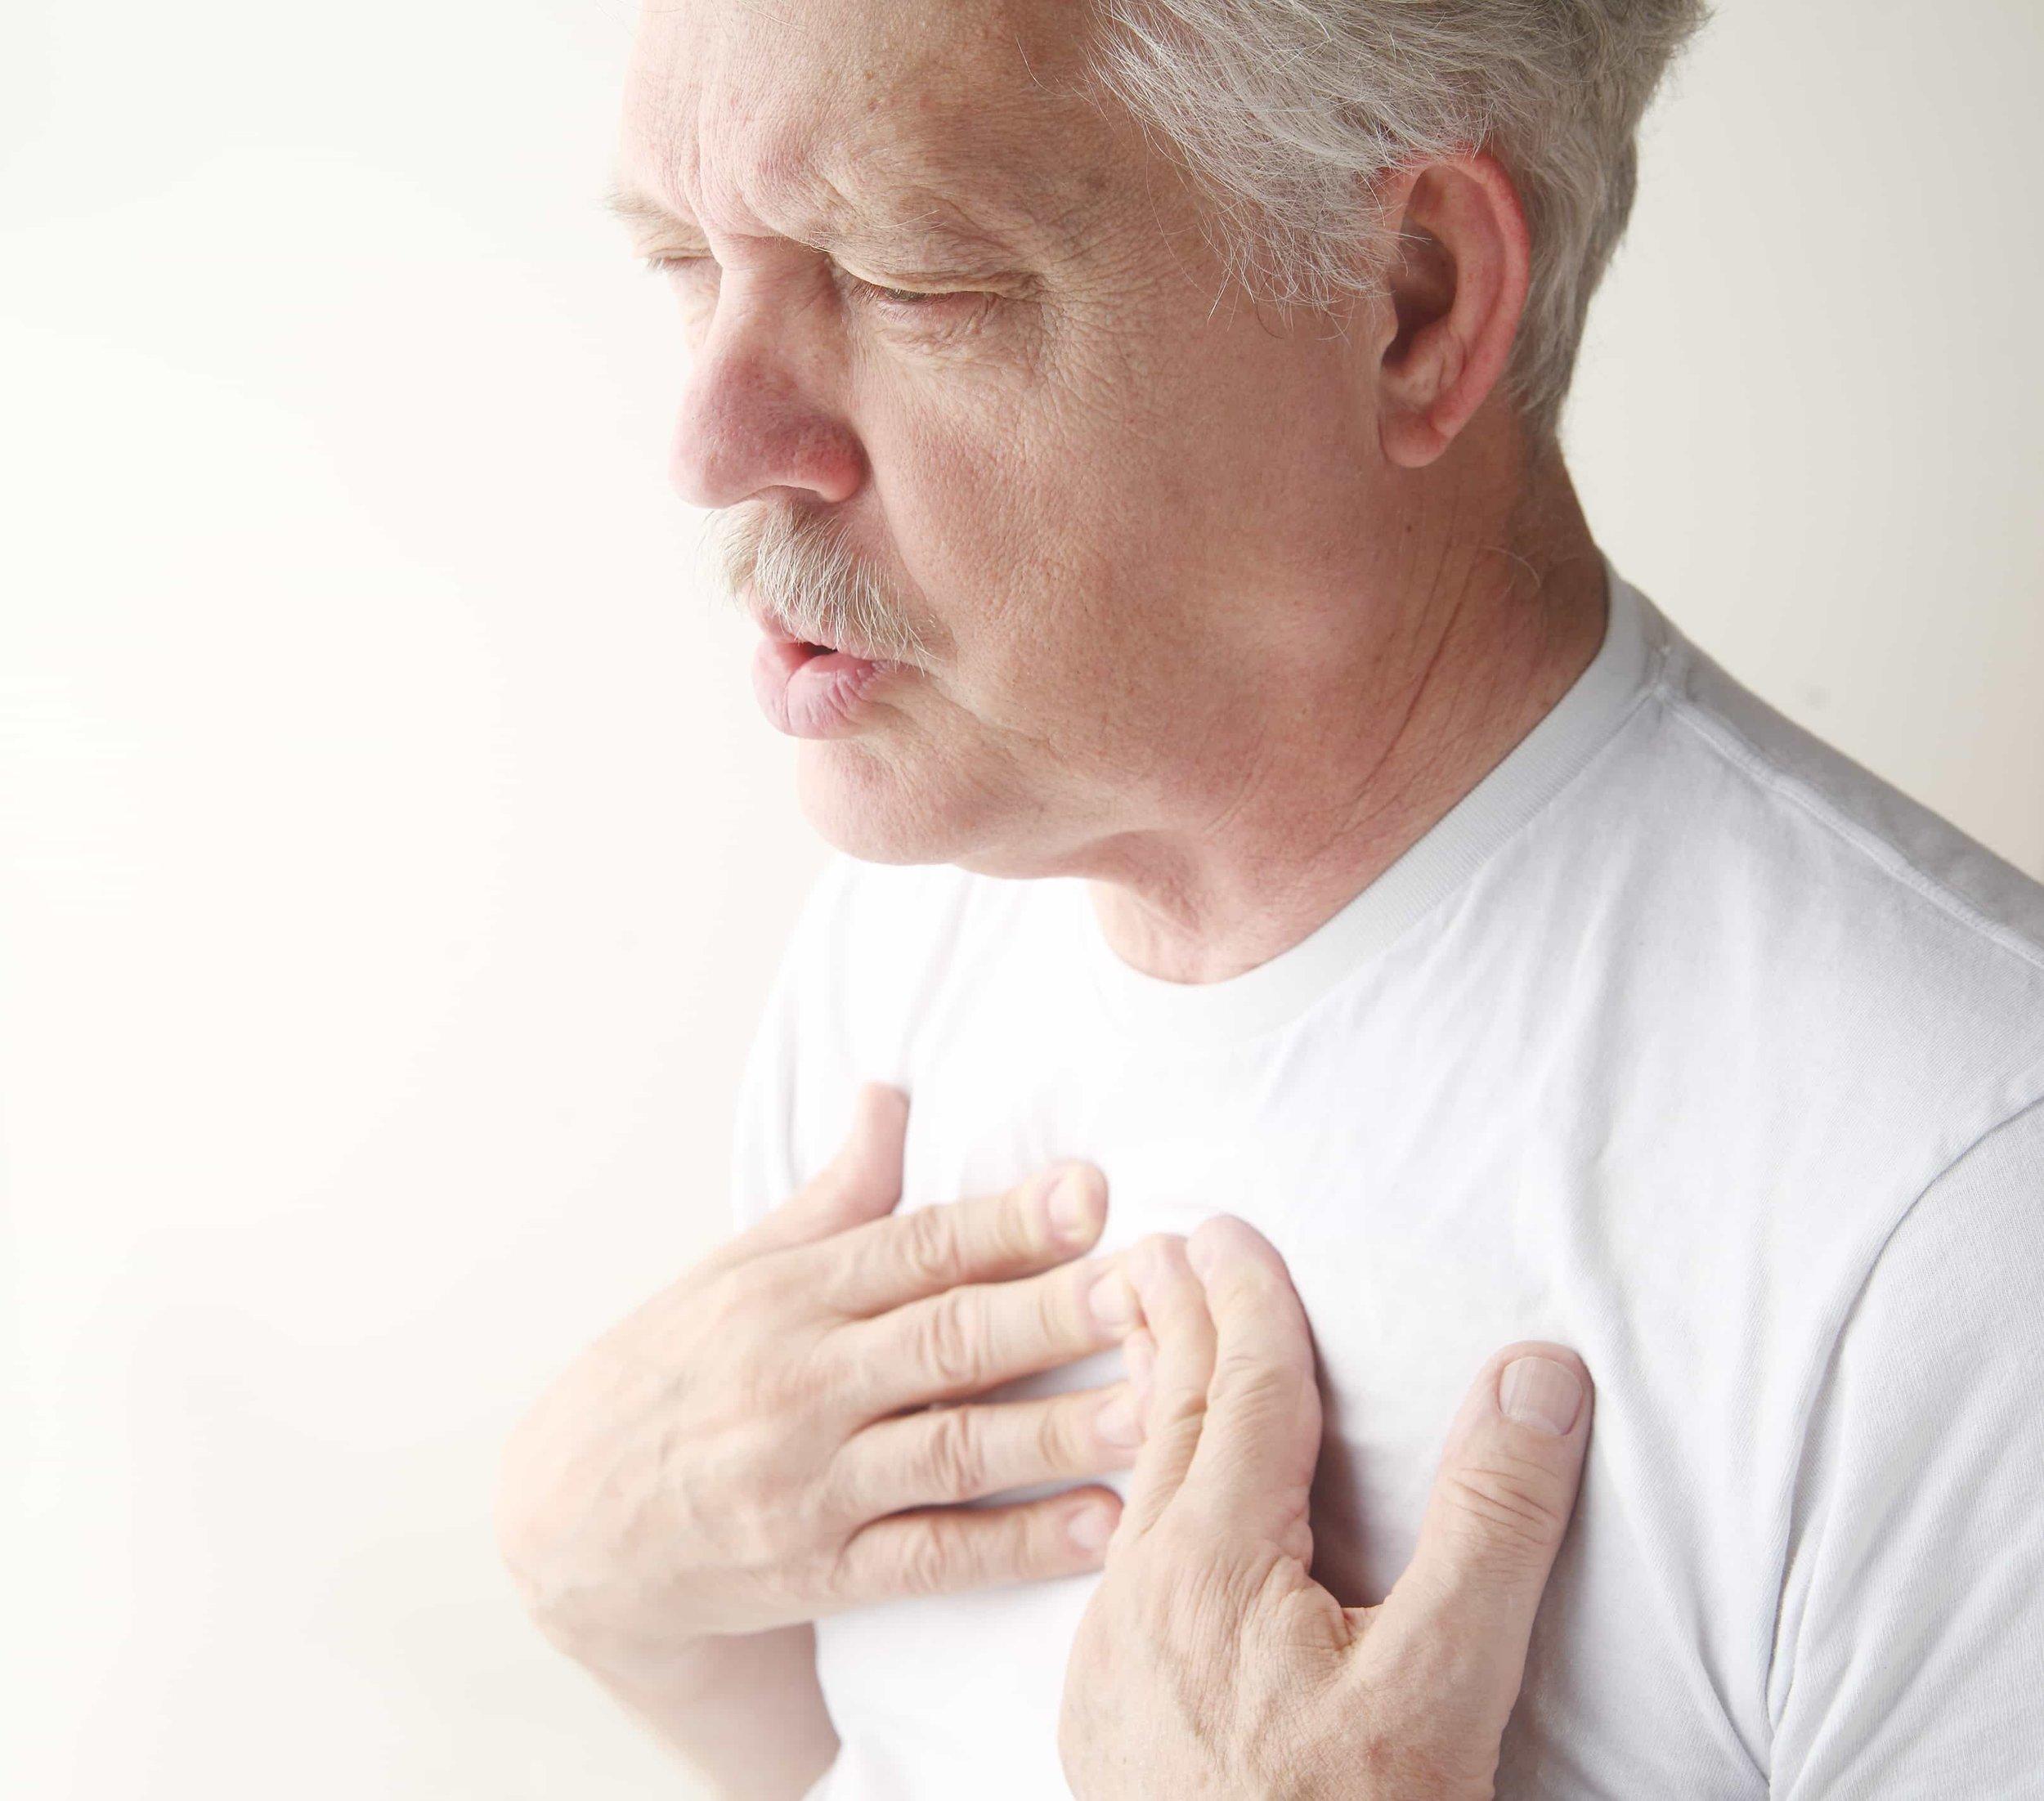 Man who needs Pulmonary Rehab